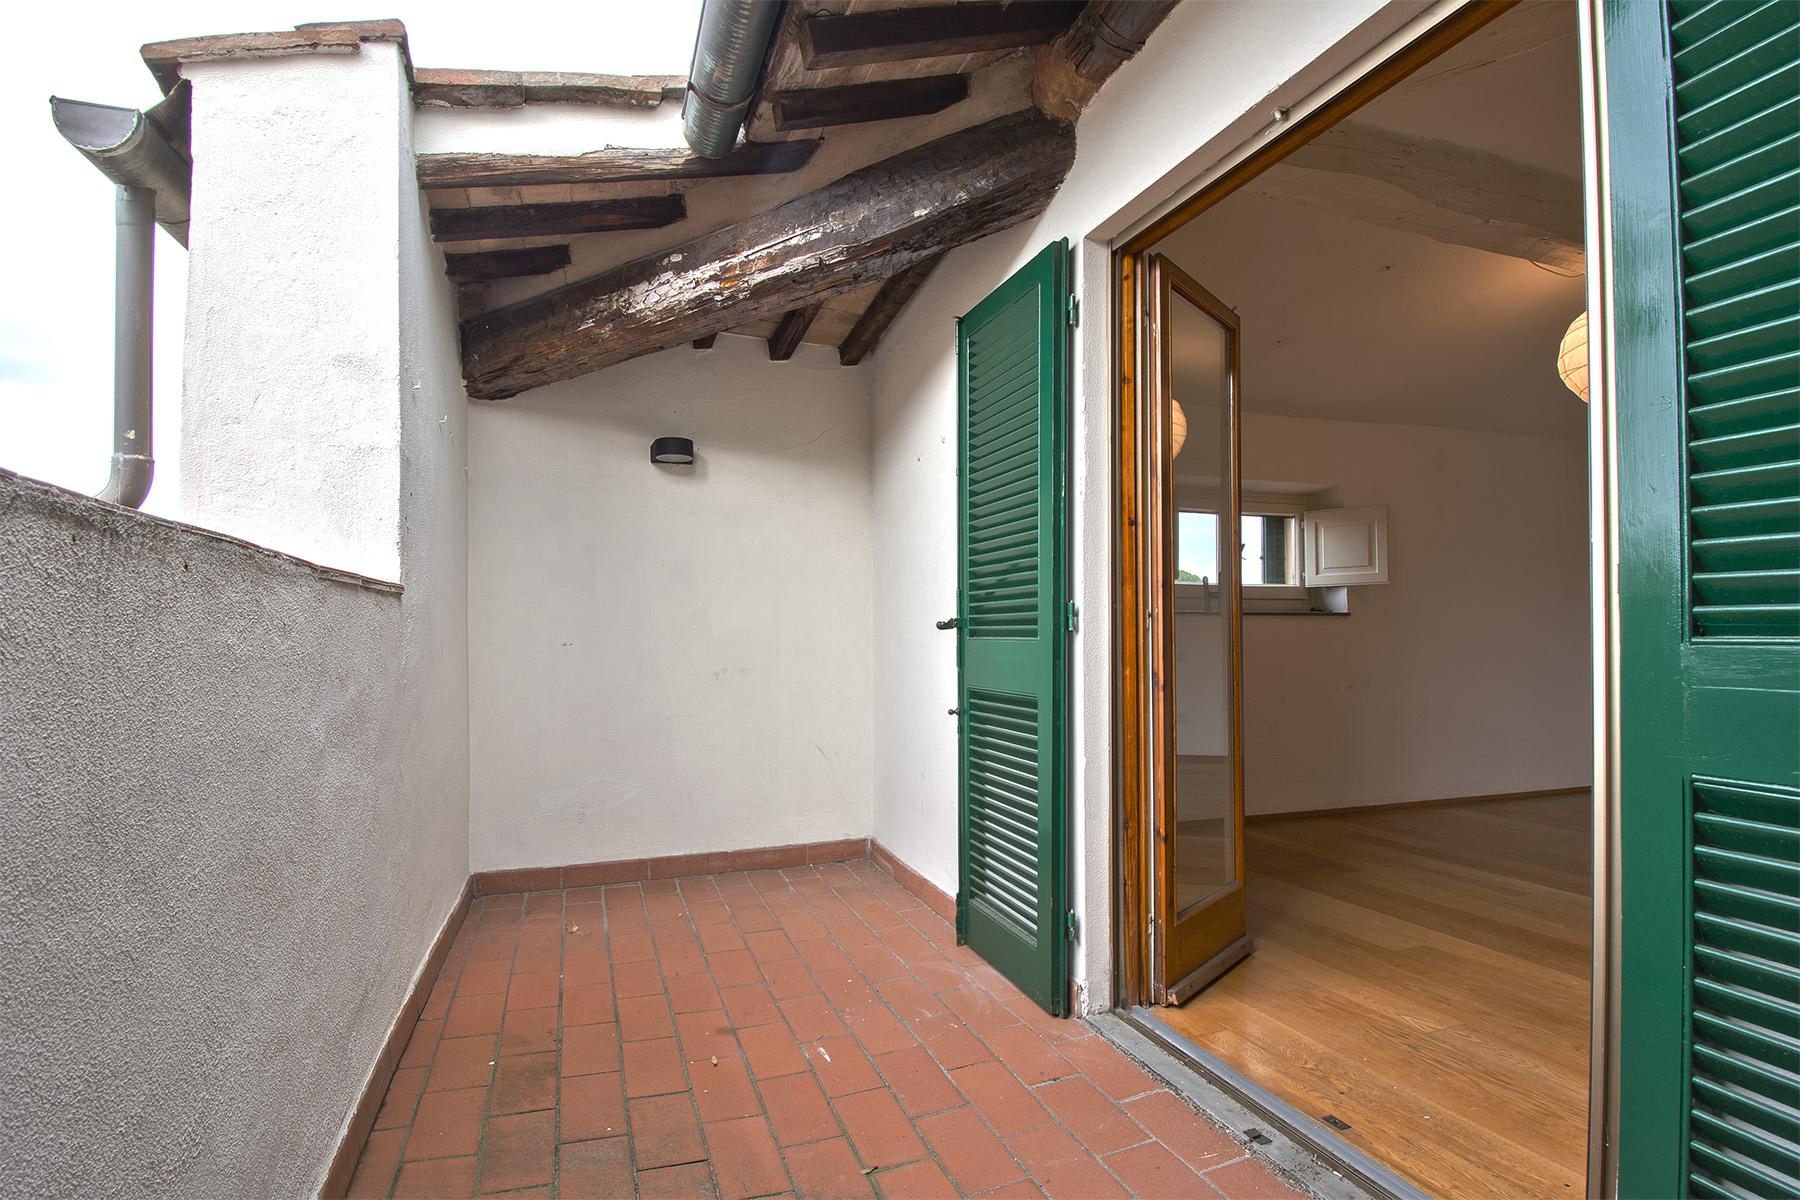 Attico in Affitto a Firenze: 5 locali, 120 mq - Foto 14